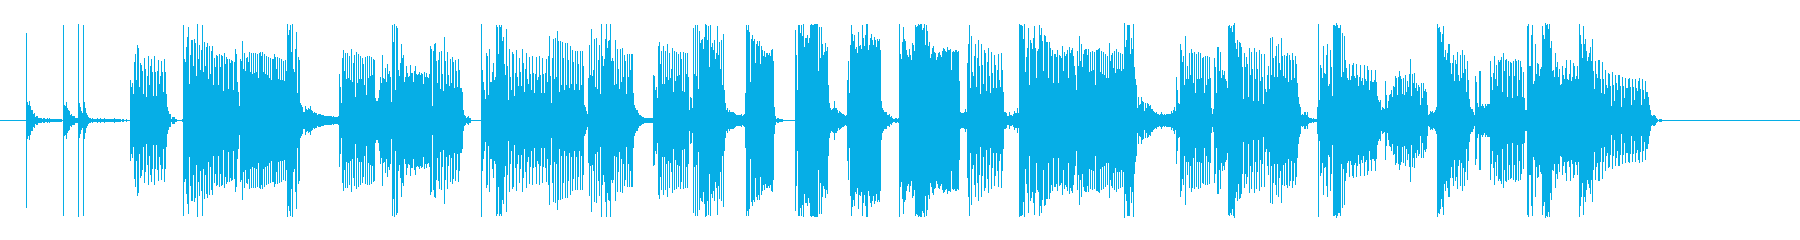 クールなベース&グルーヴィなリズムのロゴの再生済みの波形